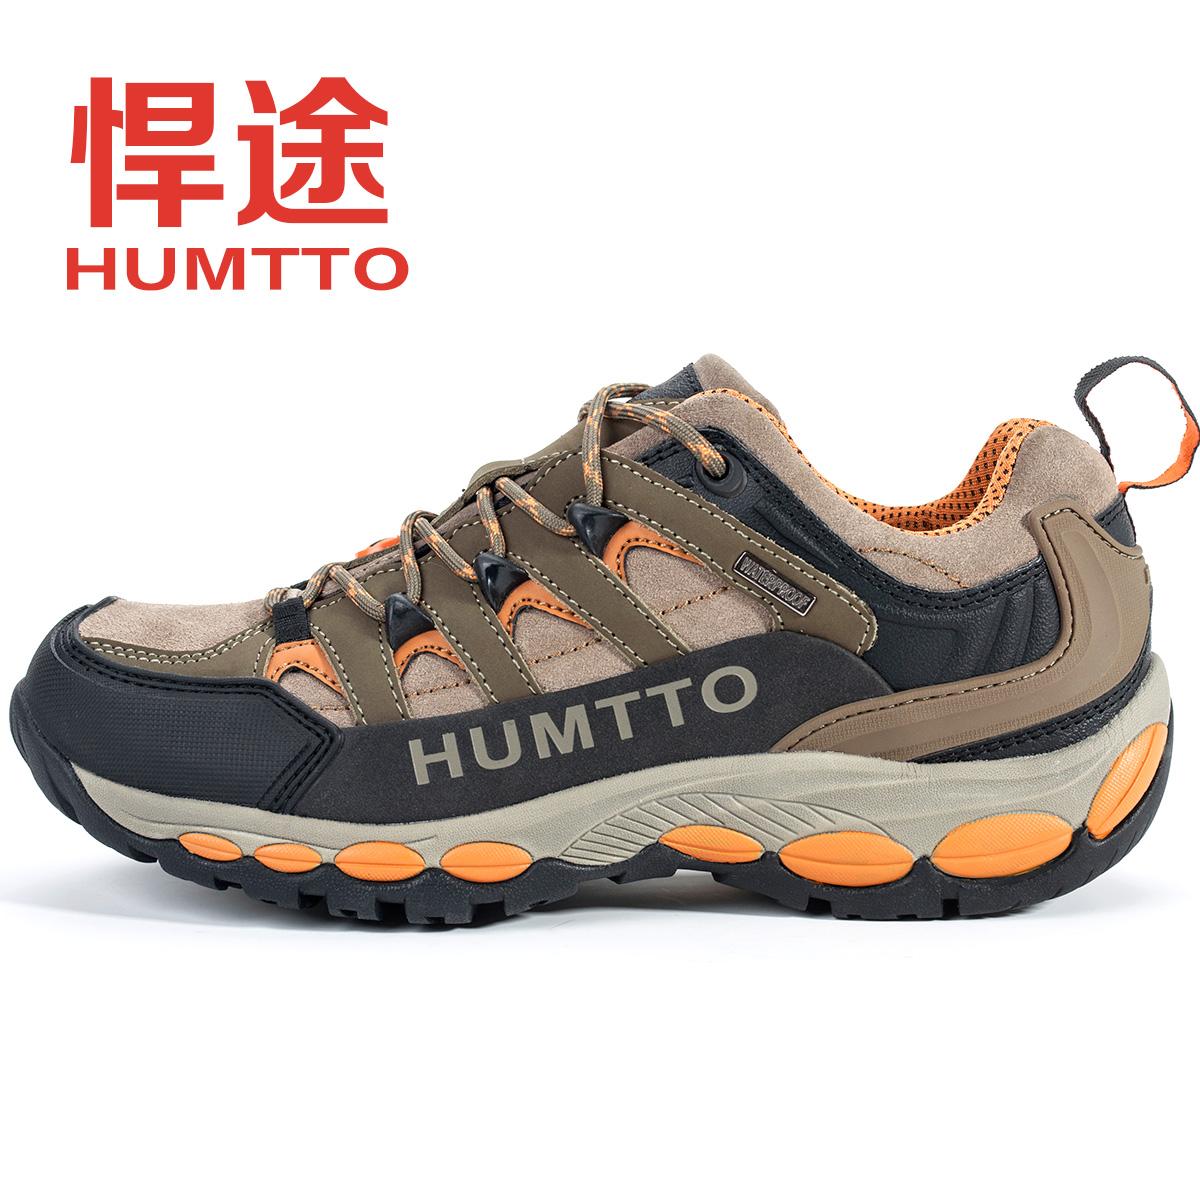 悍途户外越野跑鞋 徒步鞋 男 透气 户外运动男鞋 减震登山鞋